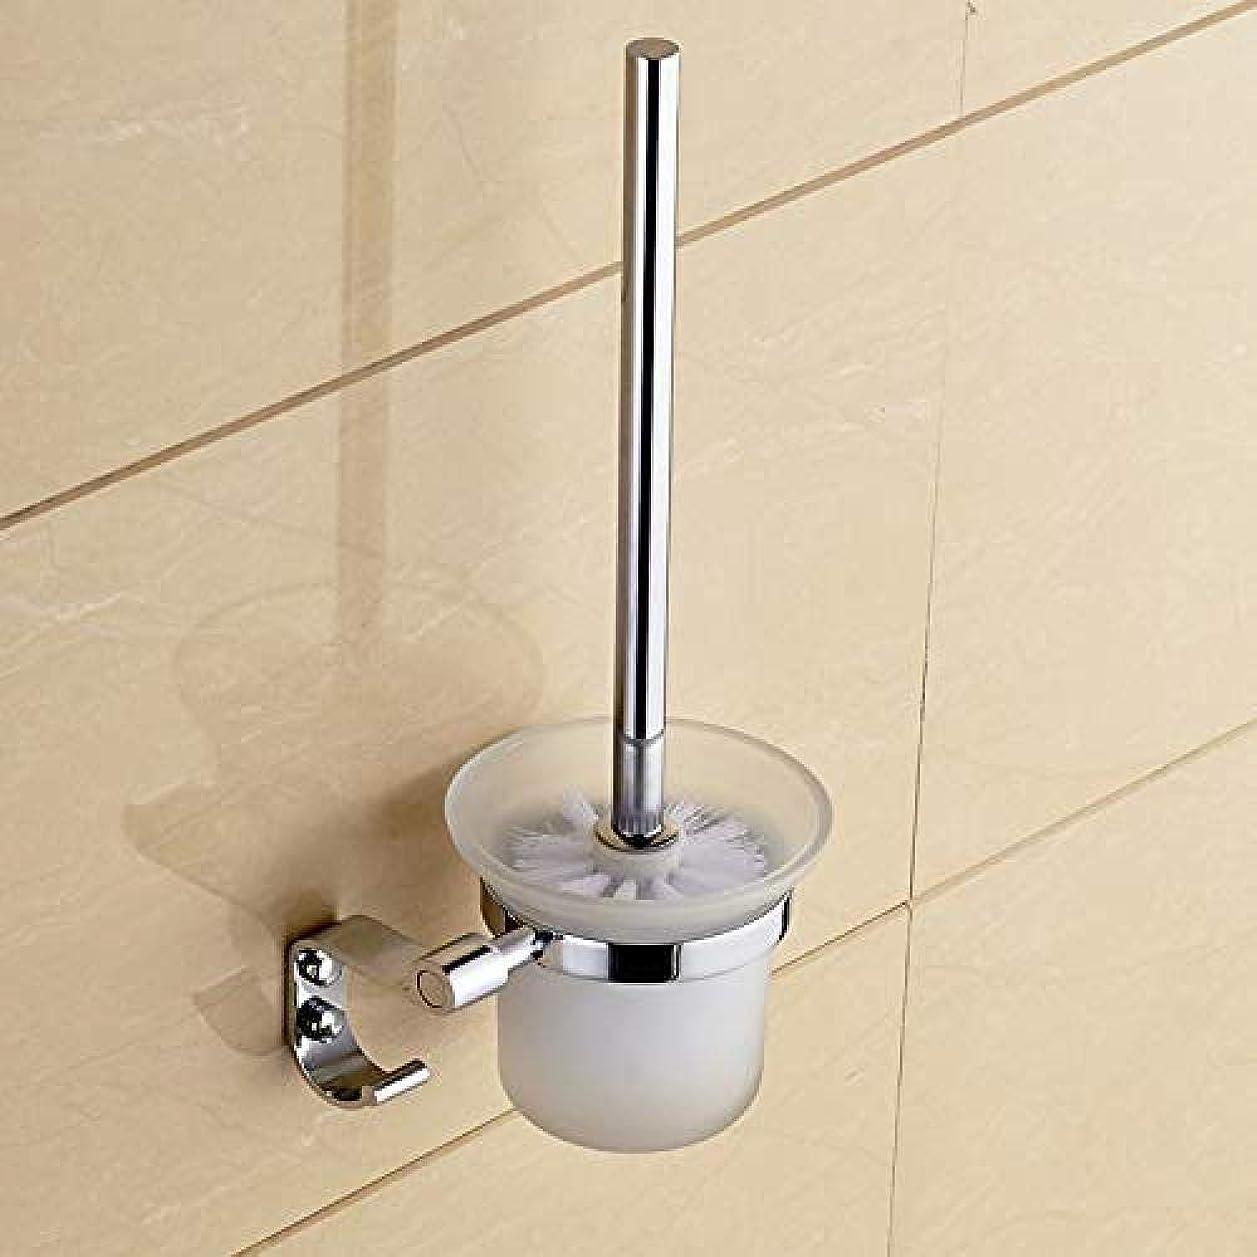 私のフォージホップNJC 家庭用ステンレス製トイレトイレラックセット壁掛けトイレブラシセット